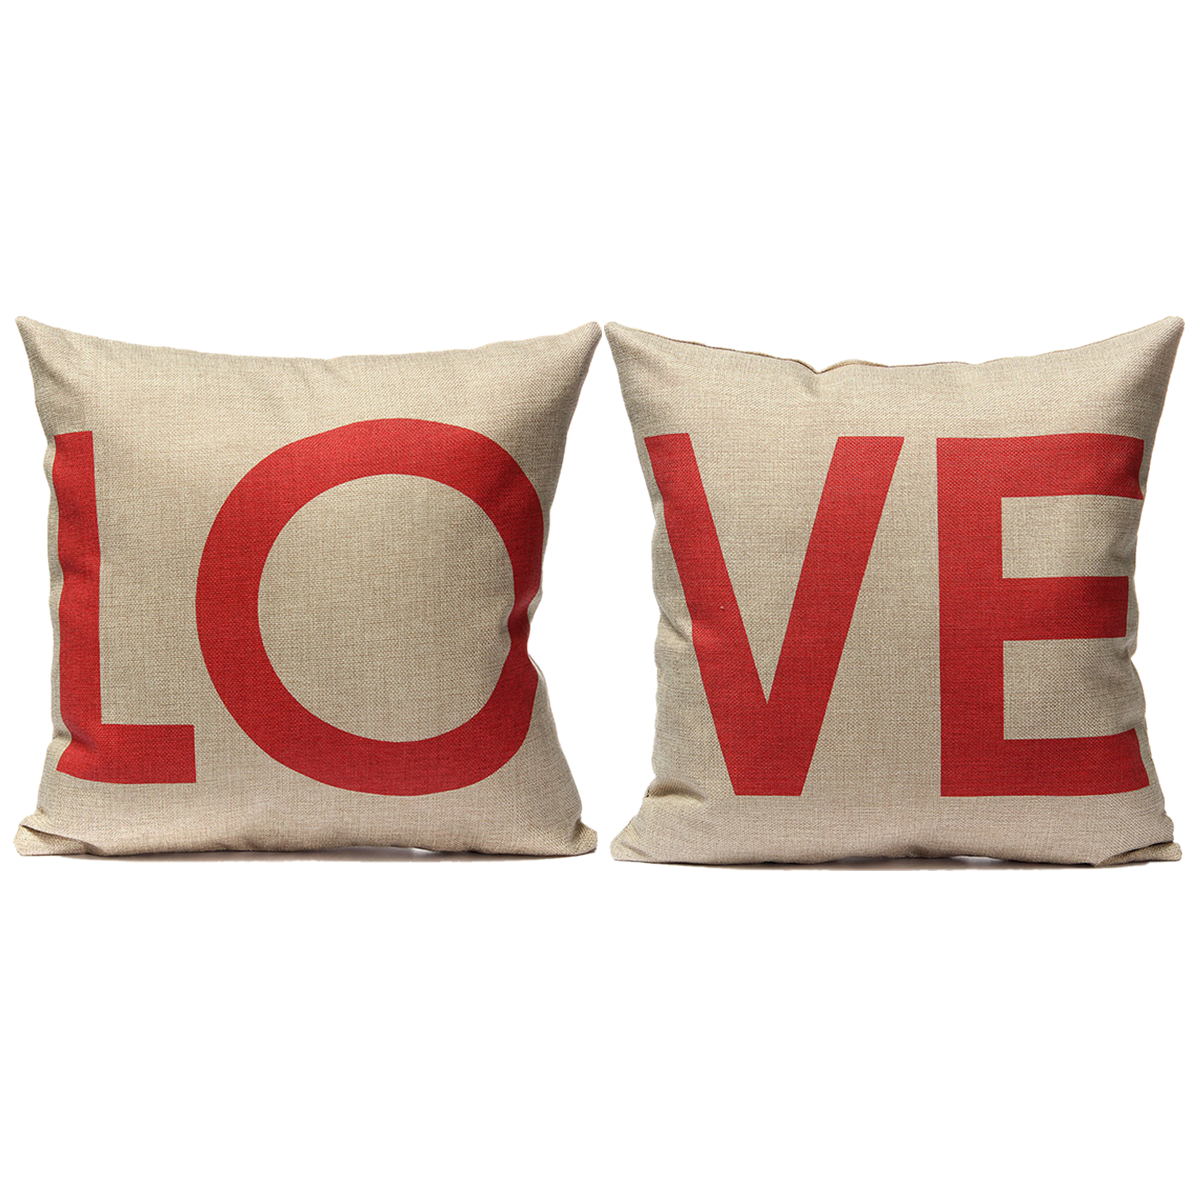 Love housse de coussin taie d 39 oreiller canap lit maison for Housse de coussin de canape